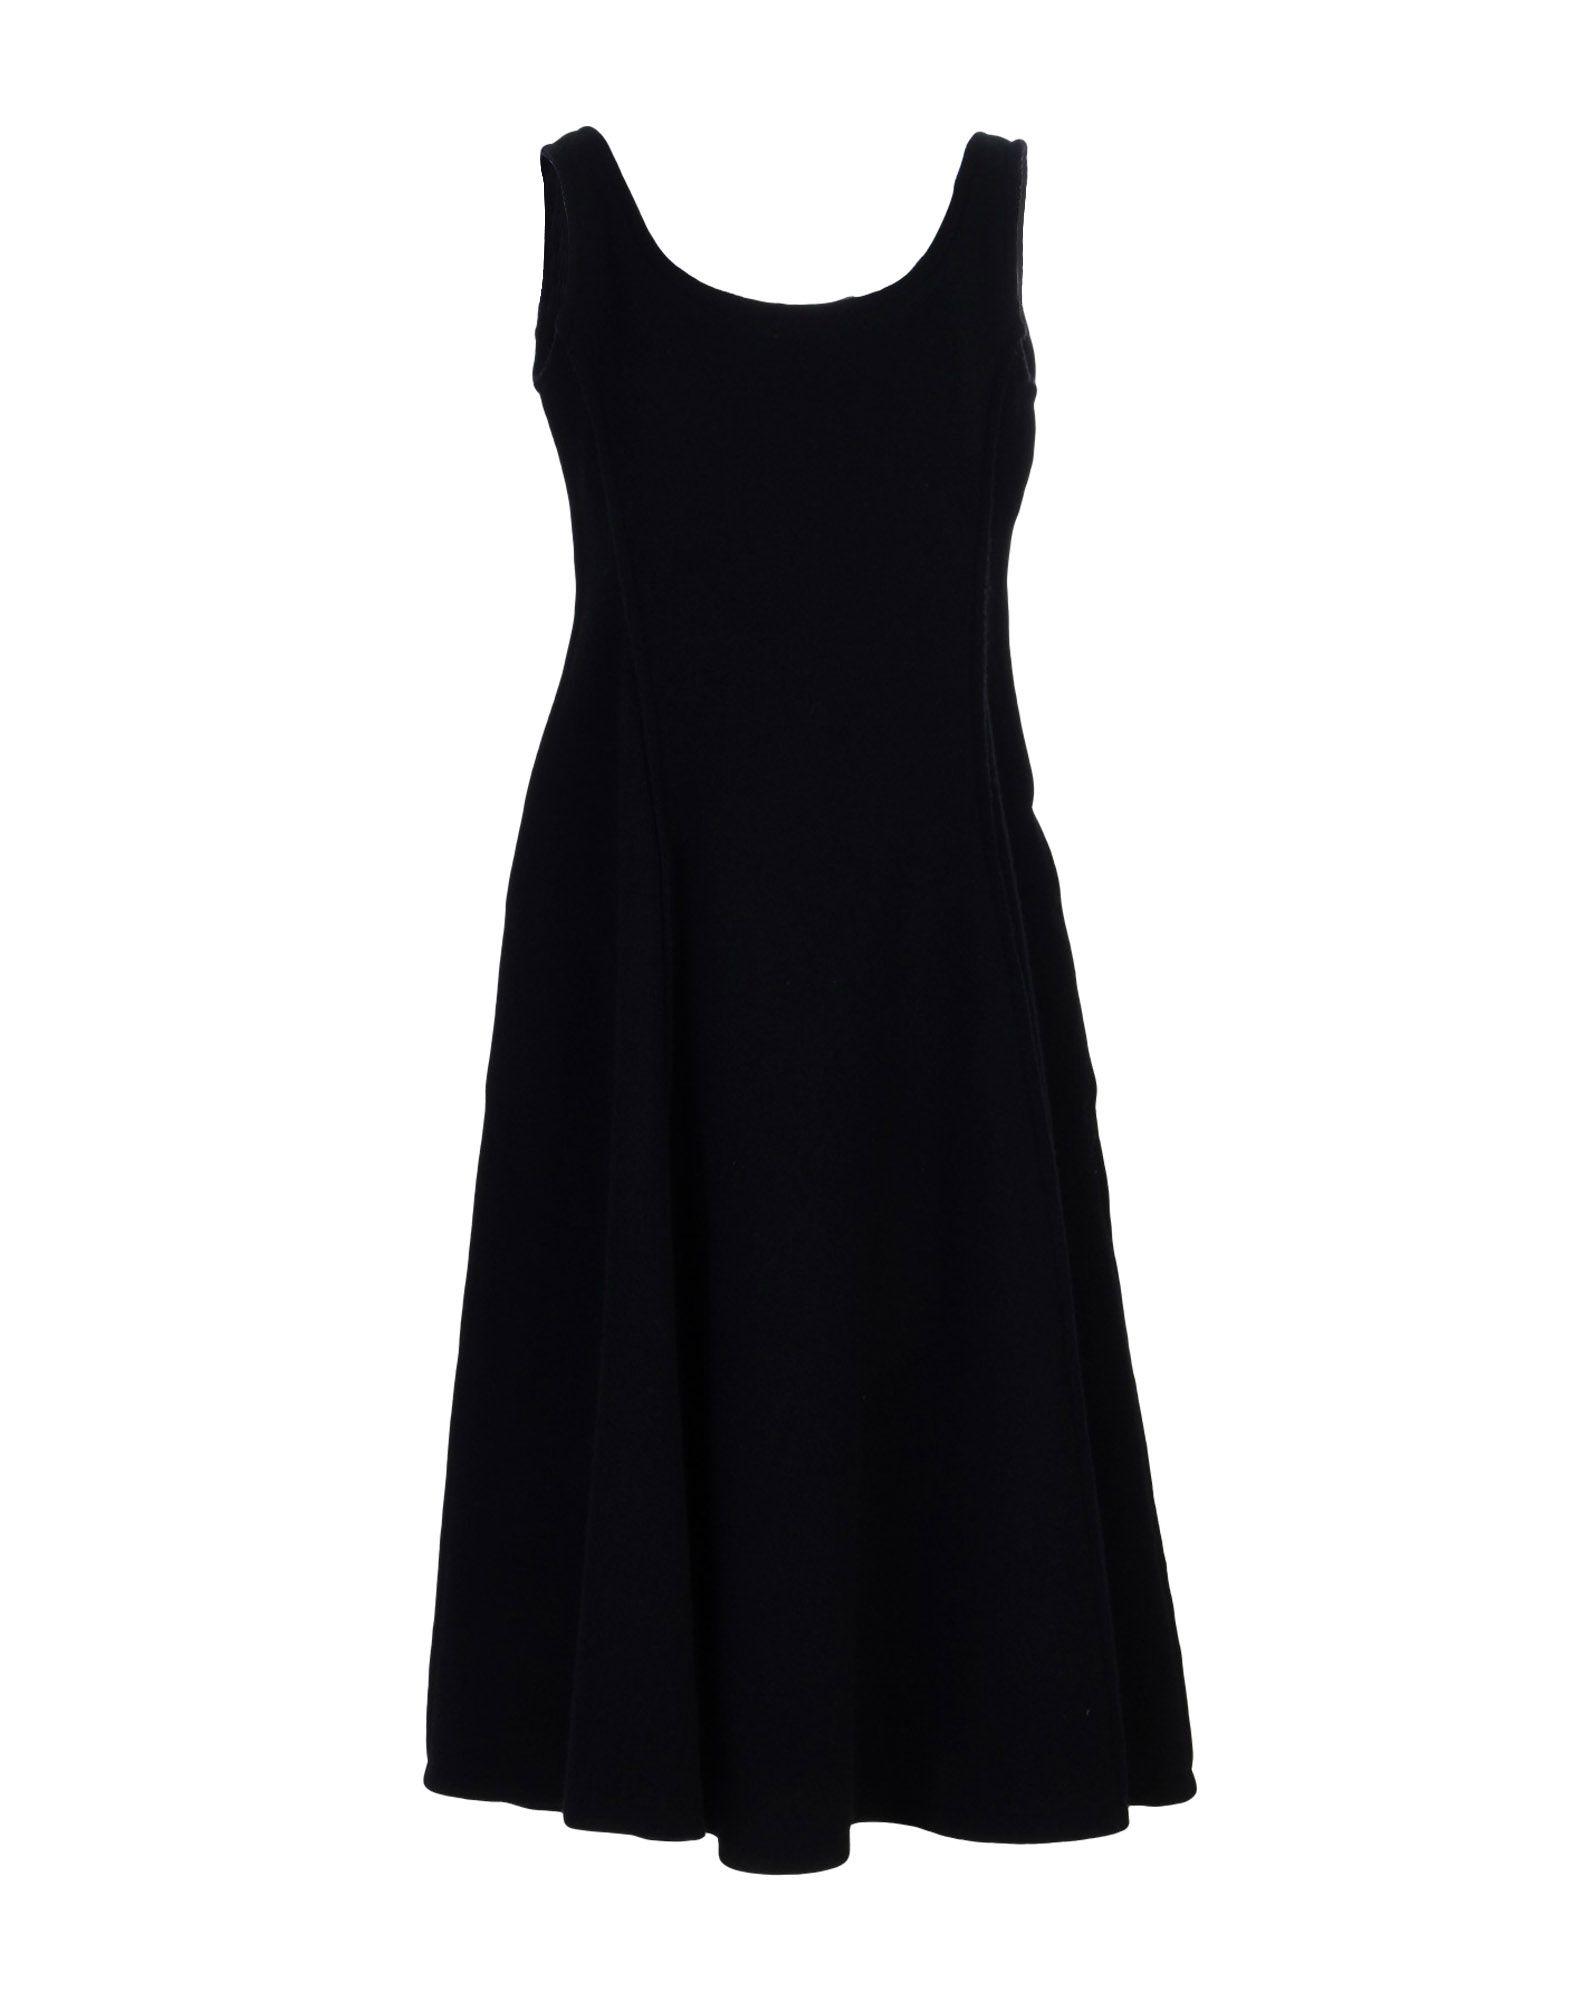 B YOHJI YAMAMOTO Платье длиной 3/4 сумка other y3 yohji yamamoto t 3